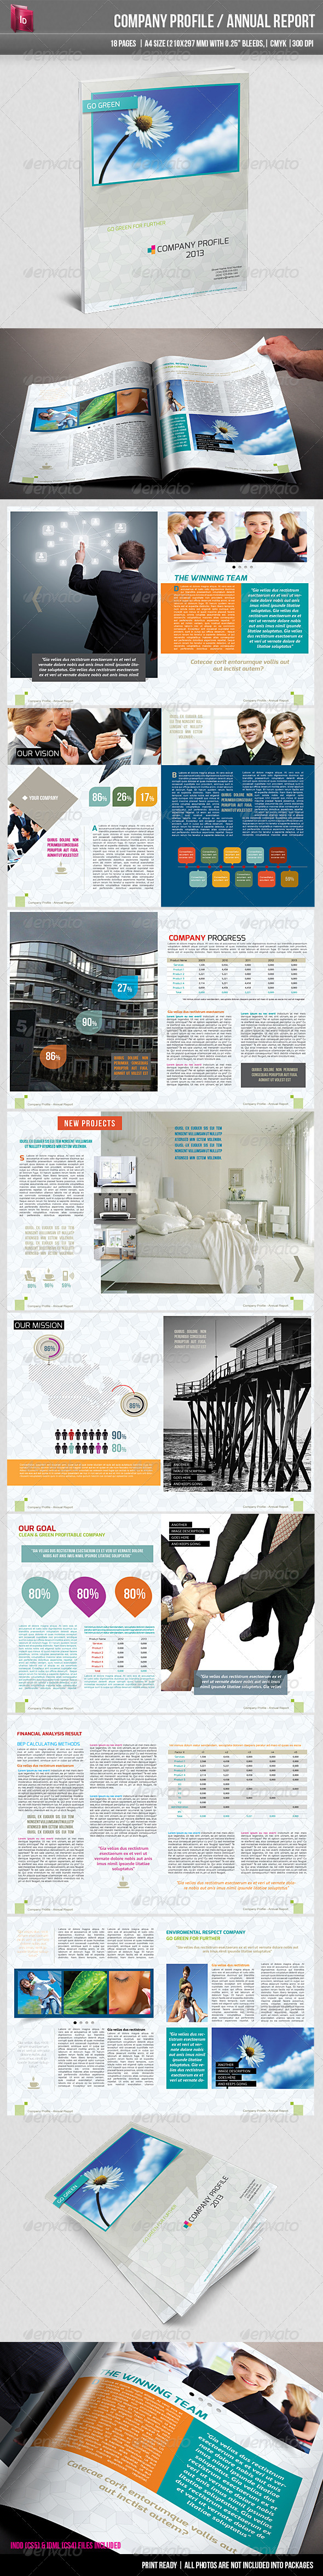 GraphicRiver Modern Company Profile Annual Report 3116307